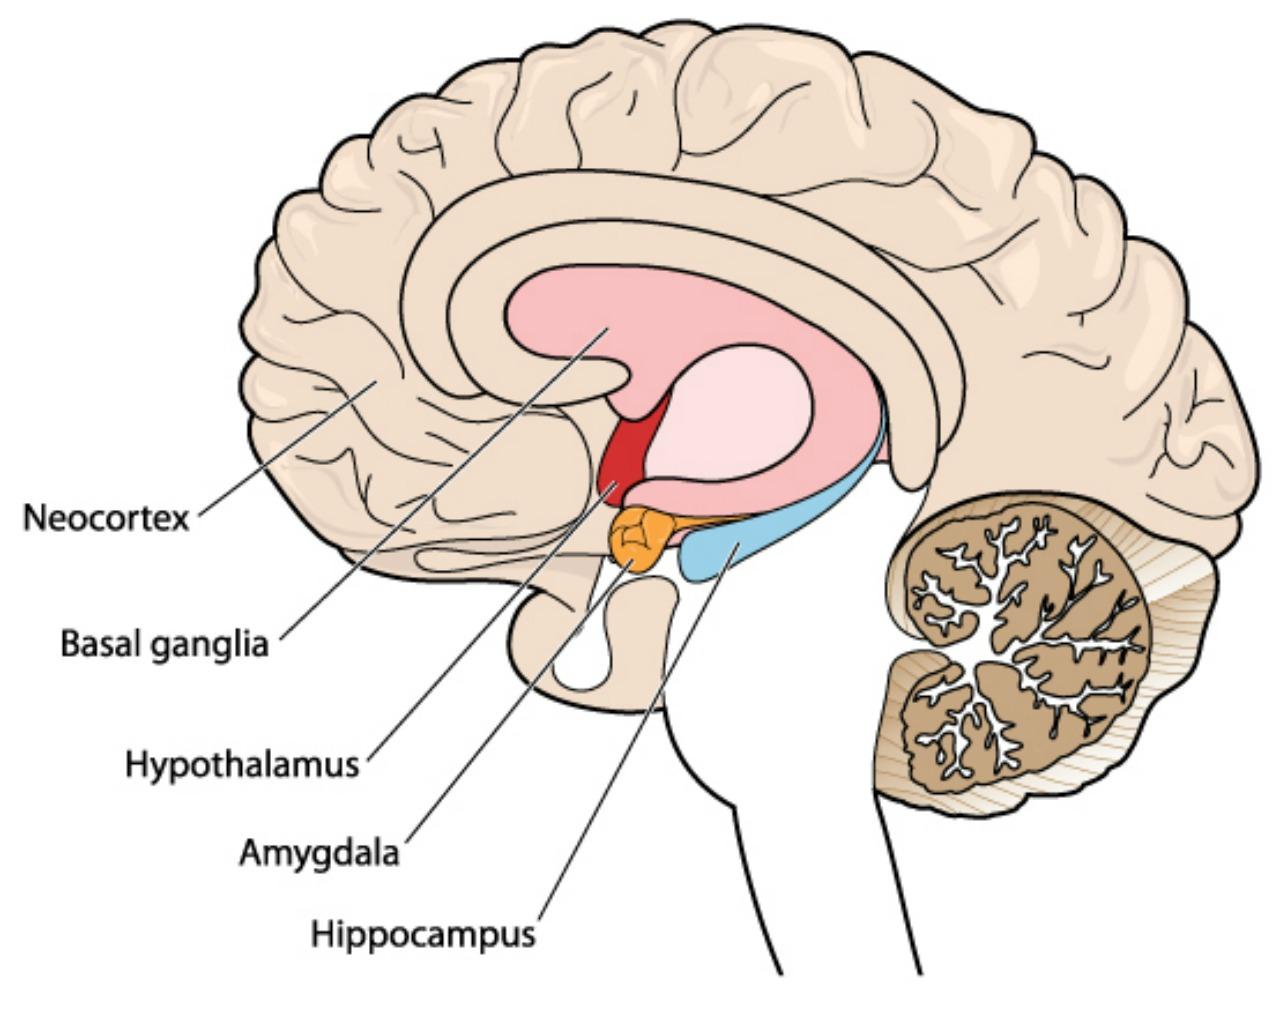 Beynin bazı bölgelerindeki aşırı hareketlilik, hafıza ve dikkat sorunlarına nedne oluyor